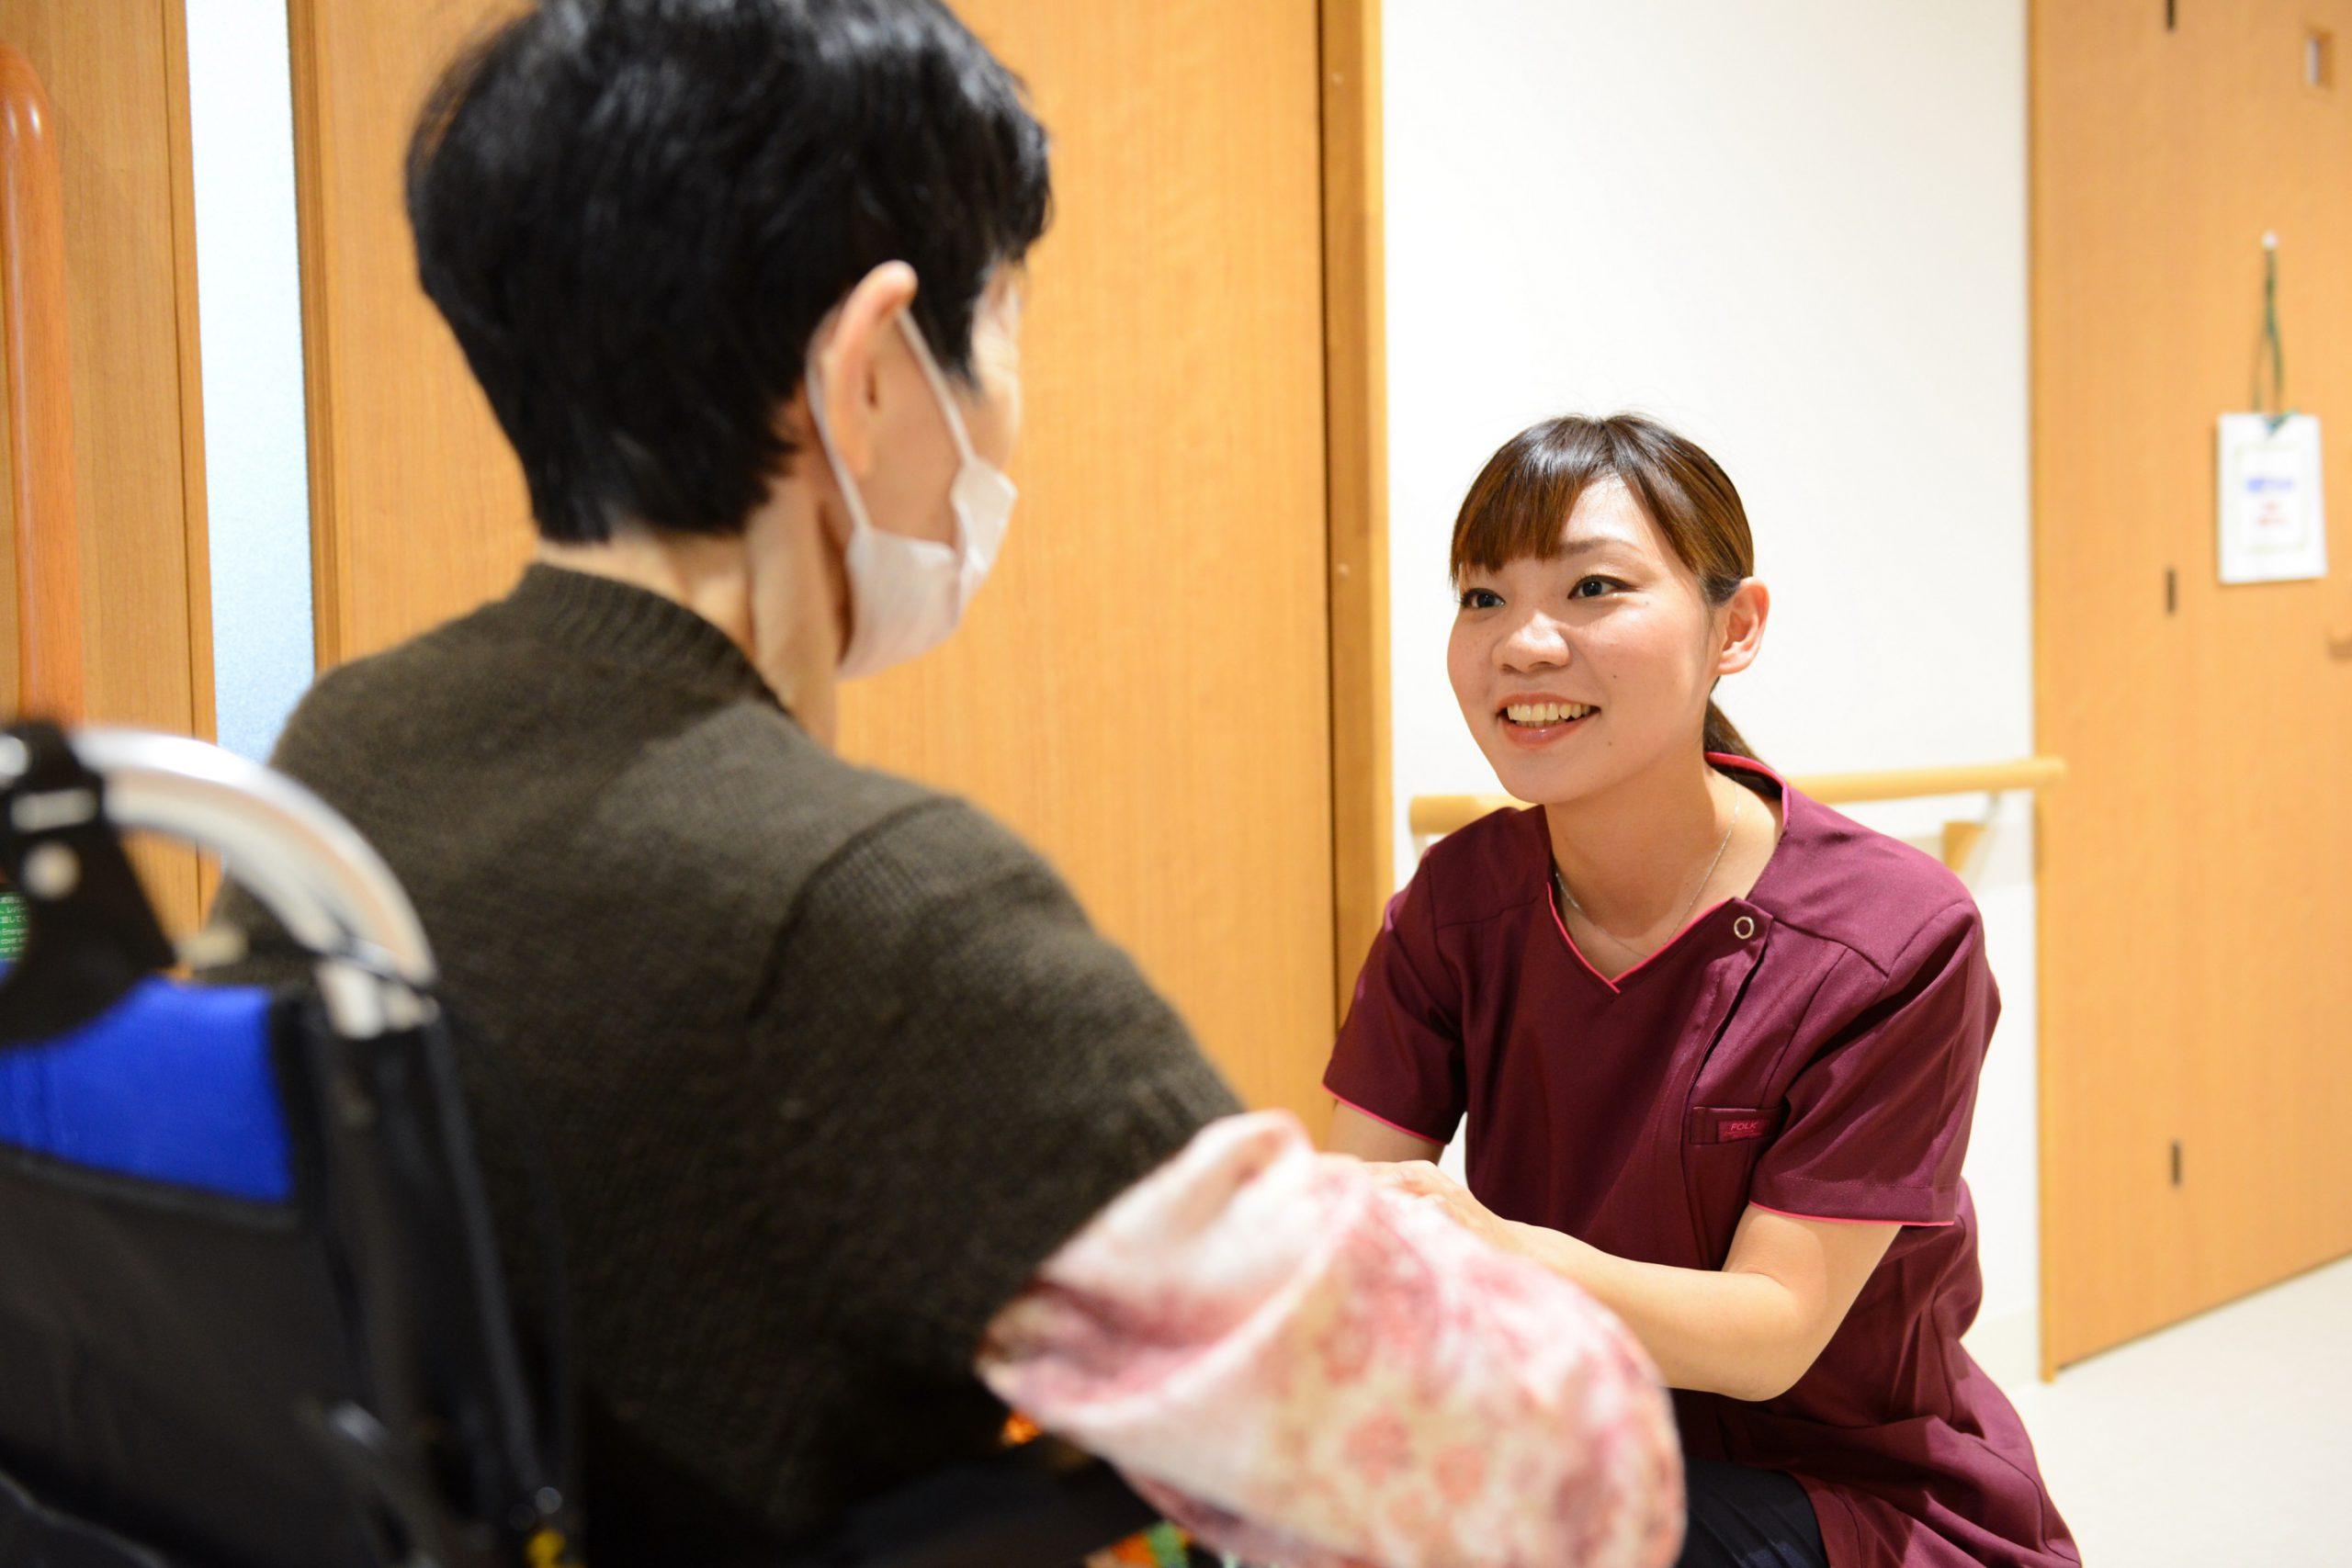 【介護職】医心館への応募を迷っている方、まずはご相談を